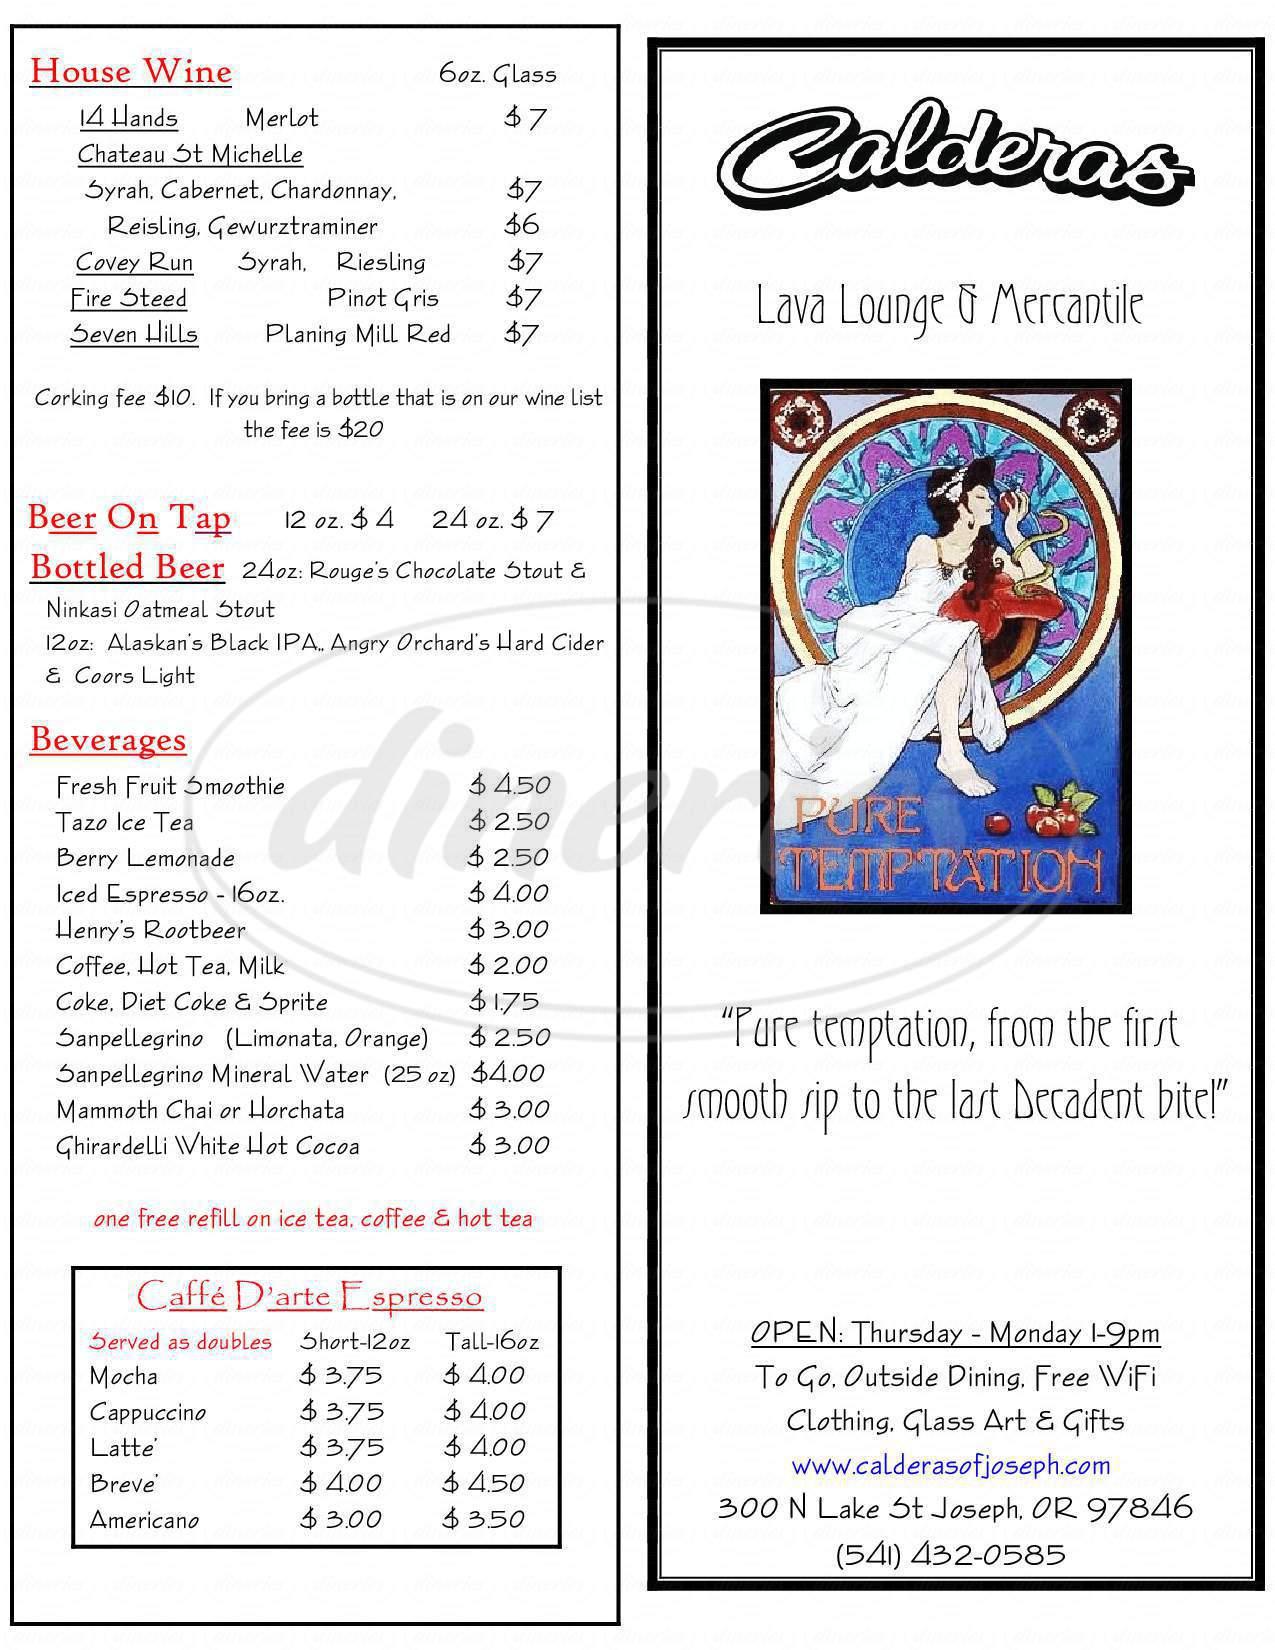 menu for Calderas Restaurant